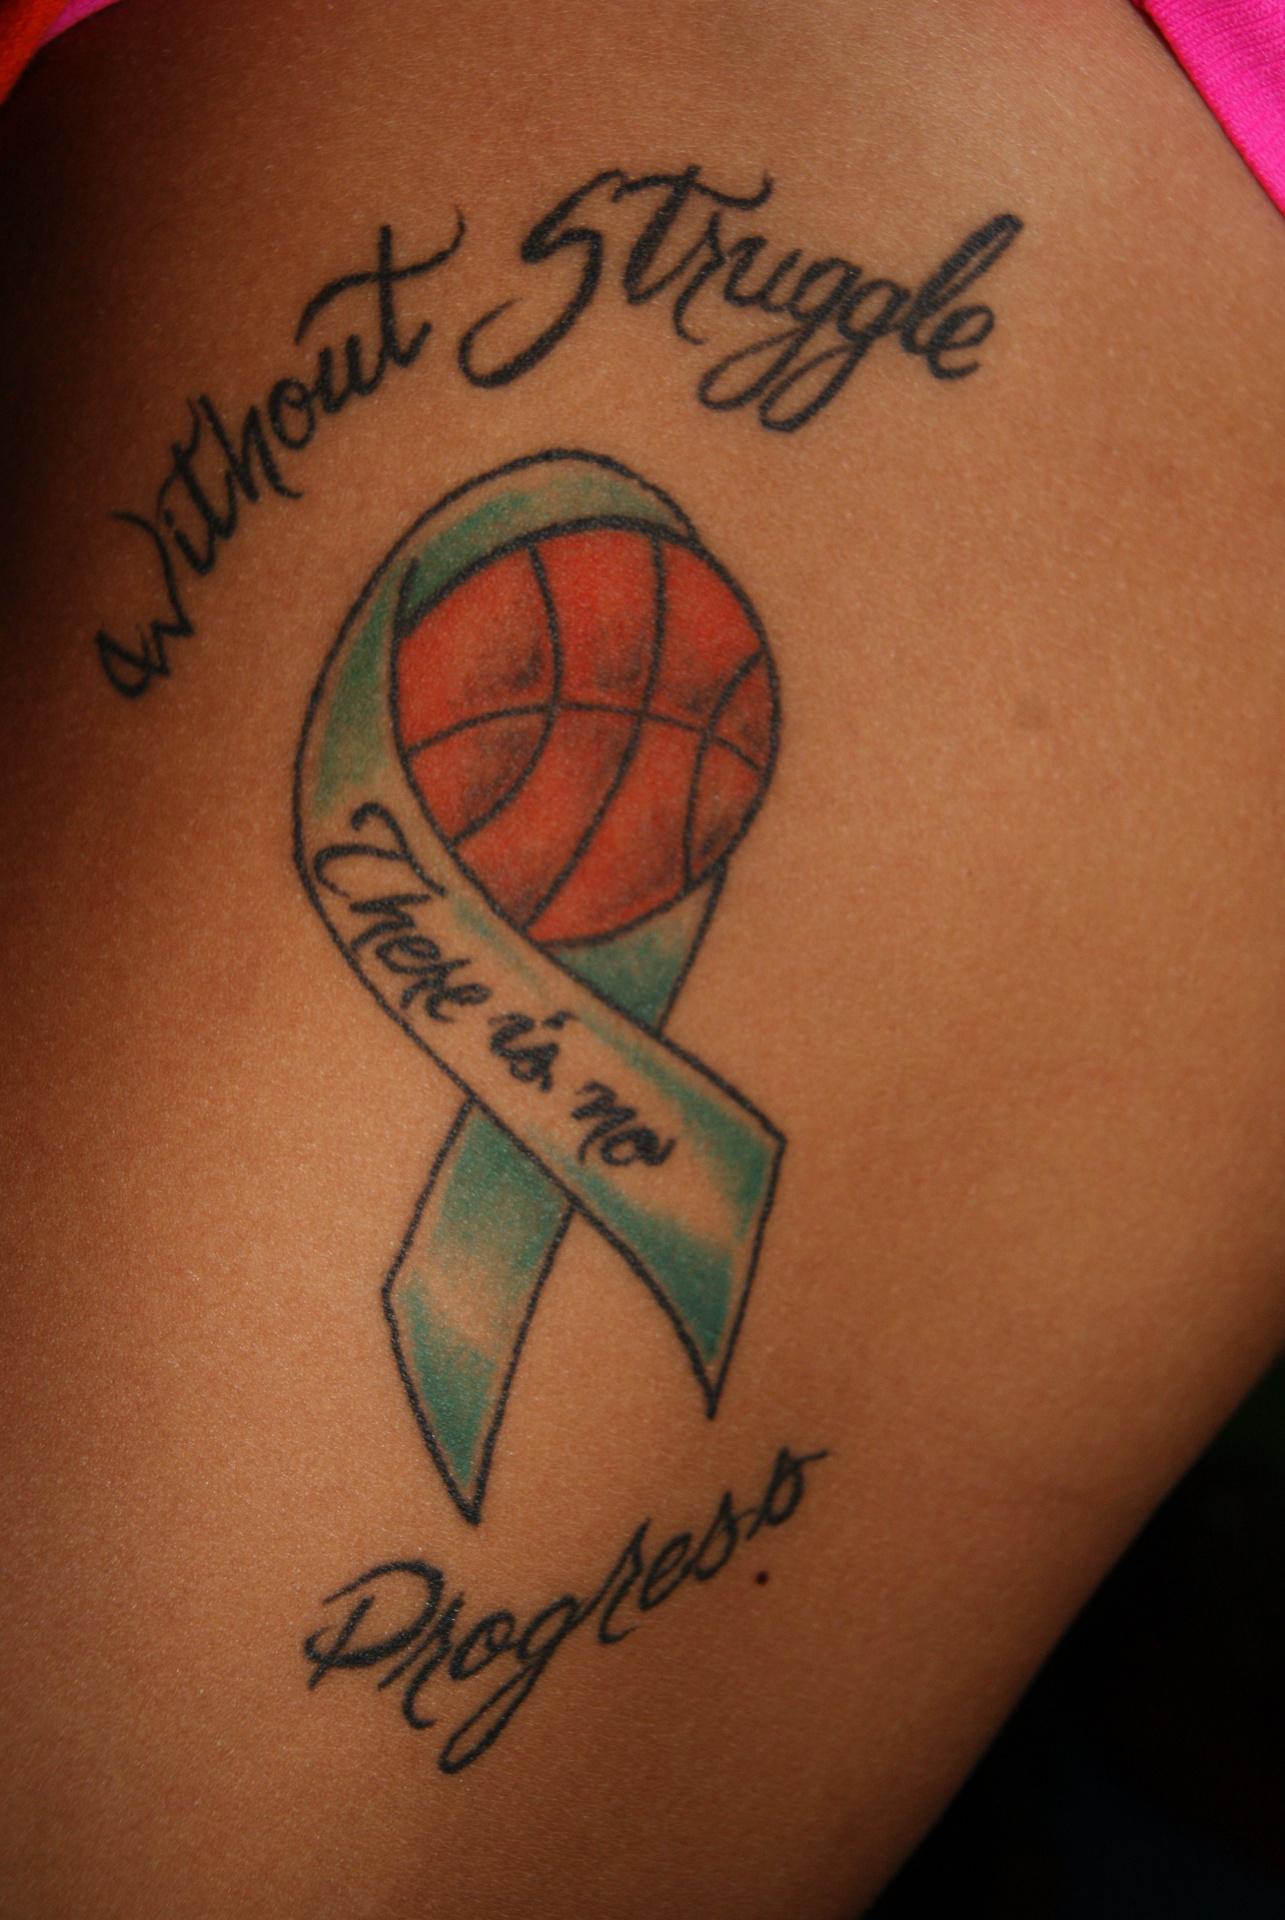 Cancer Survivor ;